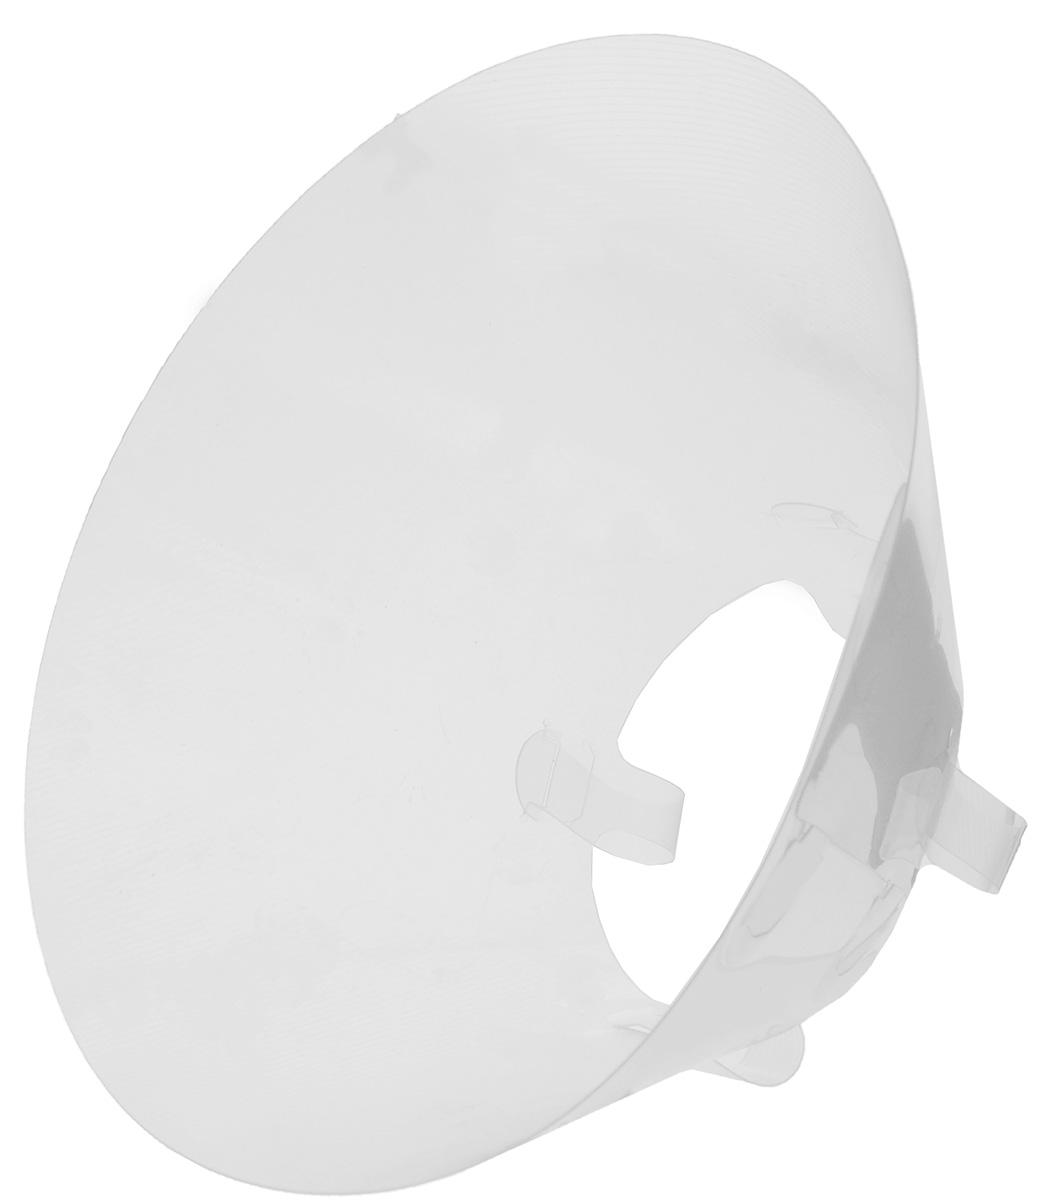 Воротник защитный Талисмед, обхват шеи 21-26 см53260Защитный воротник Талисмед изготовлен из высококачественного нетоксичного пластика, который позволяет сохранять углы обзора для животного. Изделие разработано для ограничения доступа собаки к заживающей ране или послеоперационному шву. Простота в эксплуатации позволяет хозяевам самостоятельно одевать и снимать защитный воротник с собаки. Обхват шеи: 21-26 см.Высота воротника: 7,5 см.